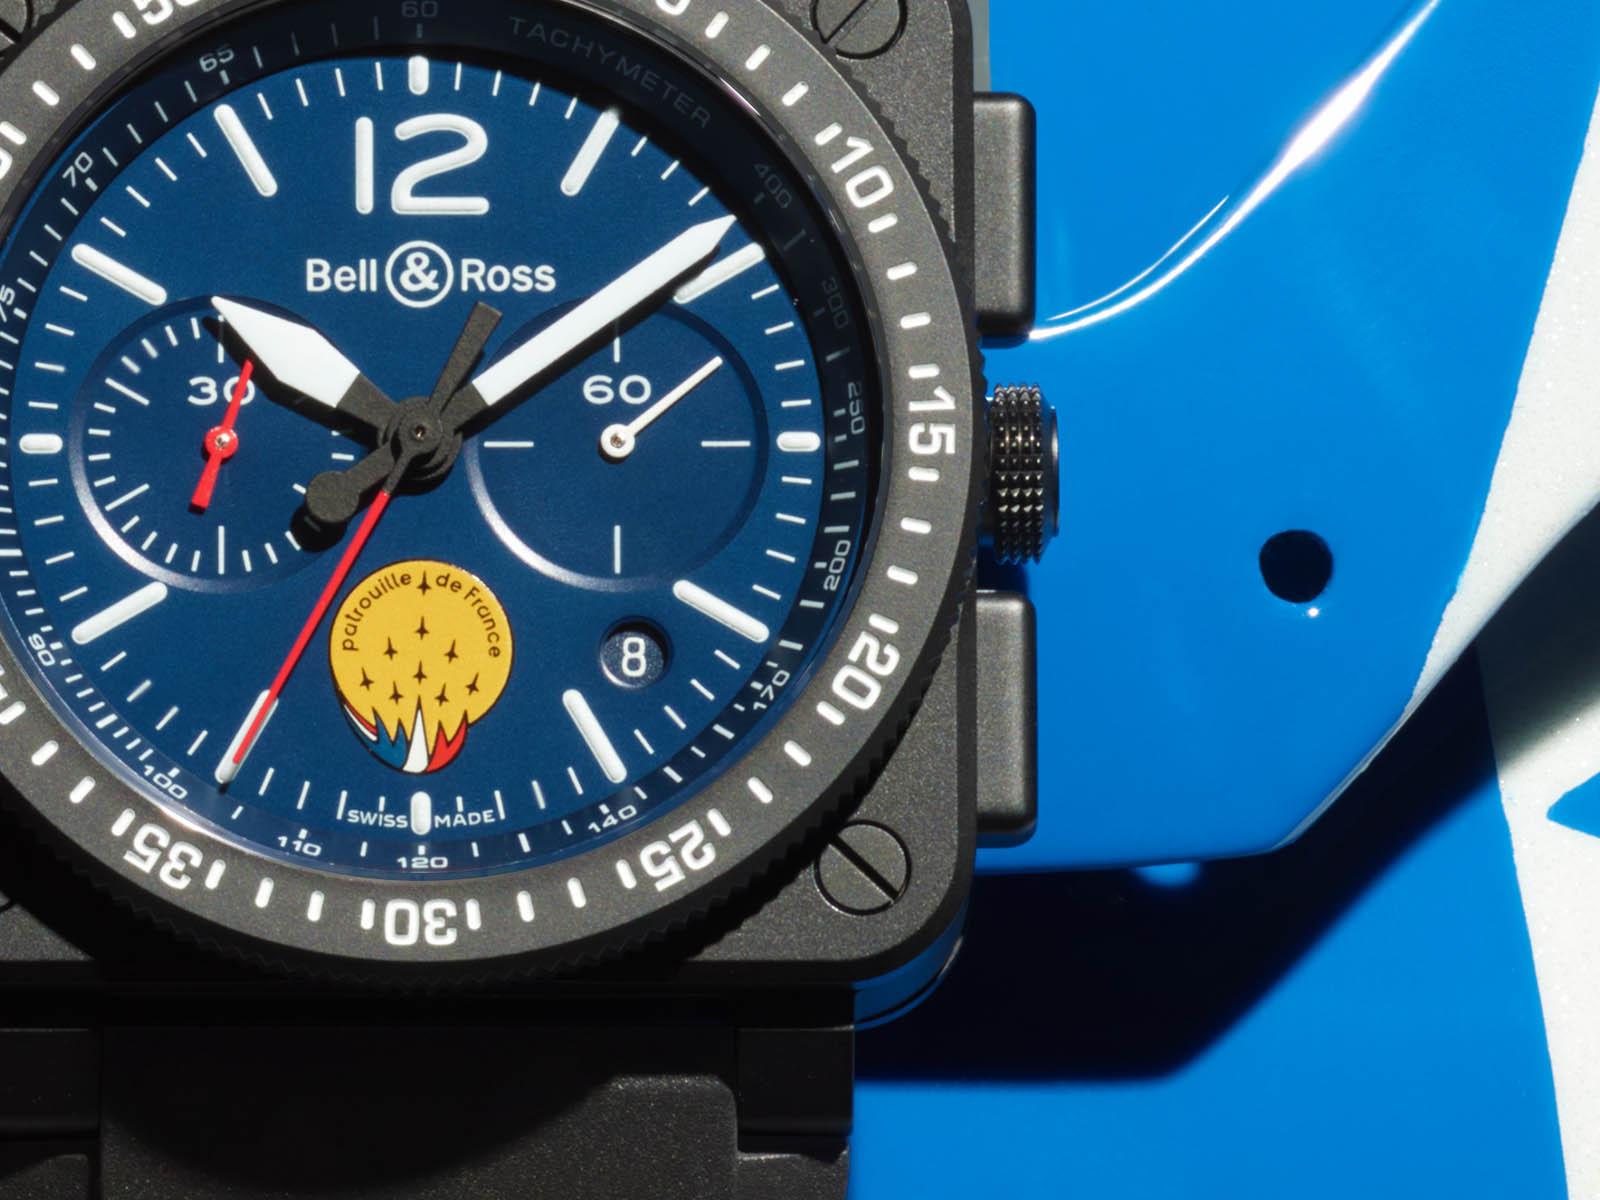 br0394-paf1-ce-srb-bell-ross-br-03-94-patrouille-de-france-6.jpg